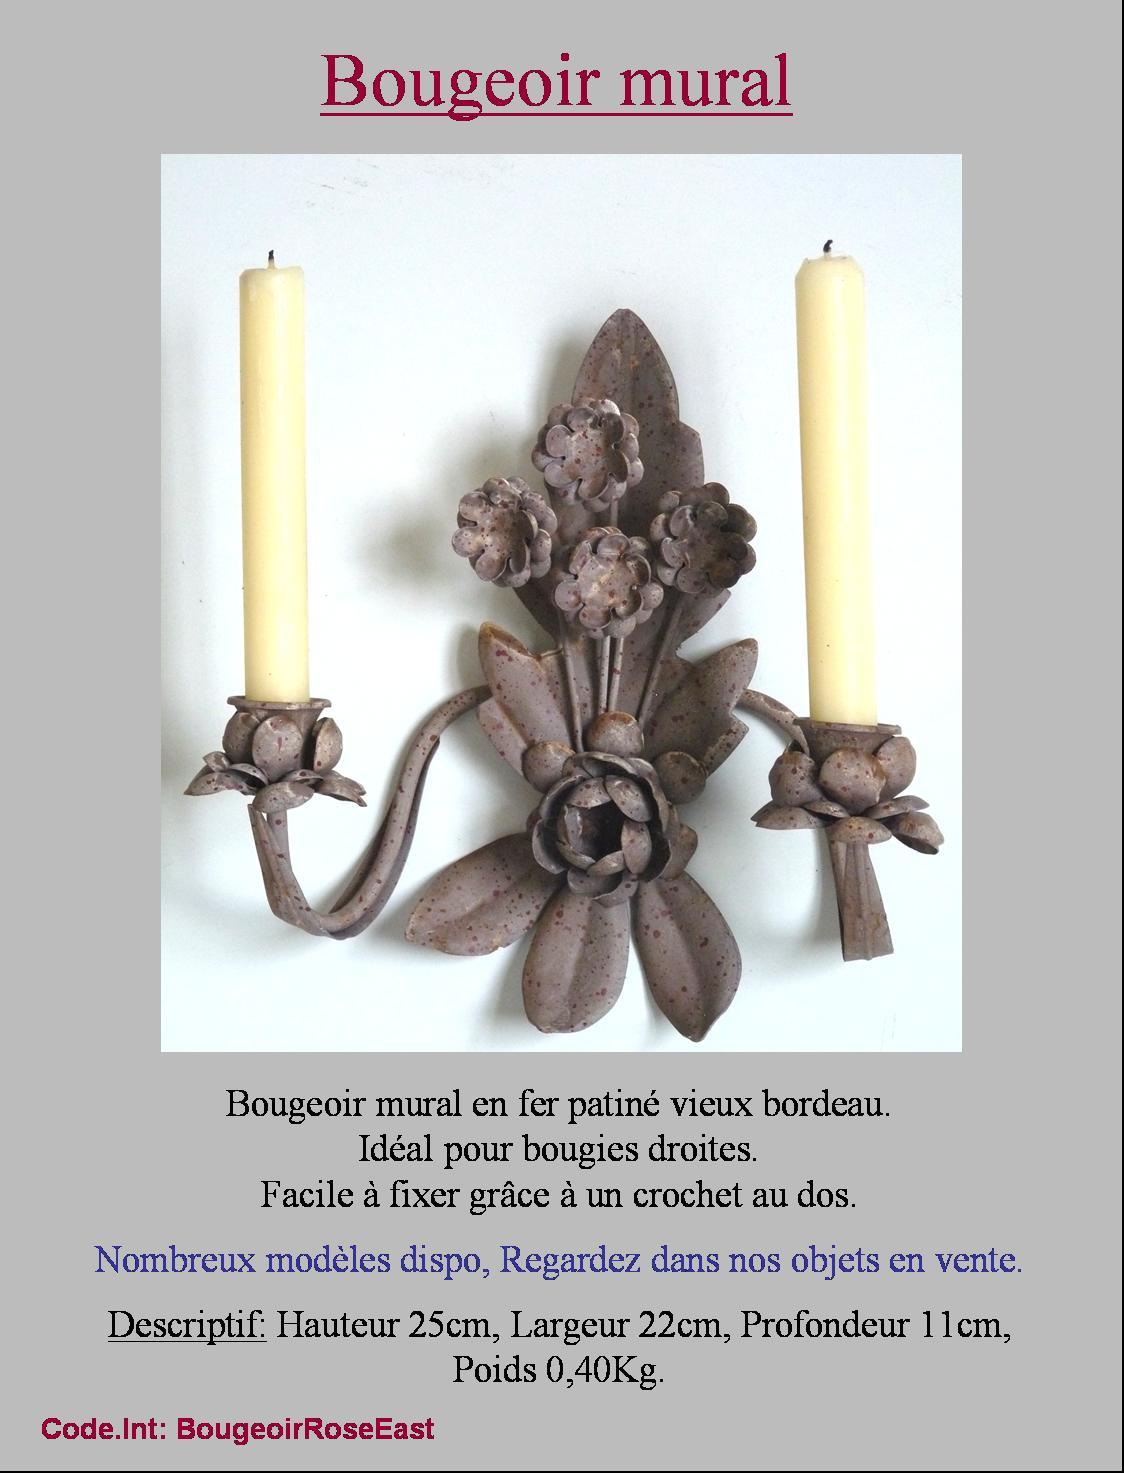 bougeoir chandelier a bougie mural lampe lustre en fer ebay. Black Bedroom Furniture Sets. Home Design Ideas